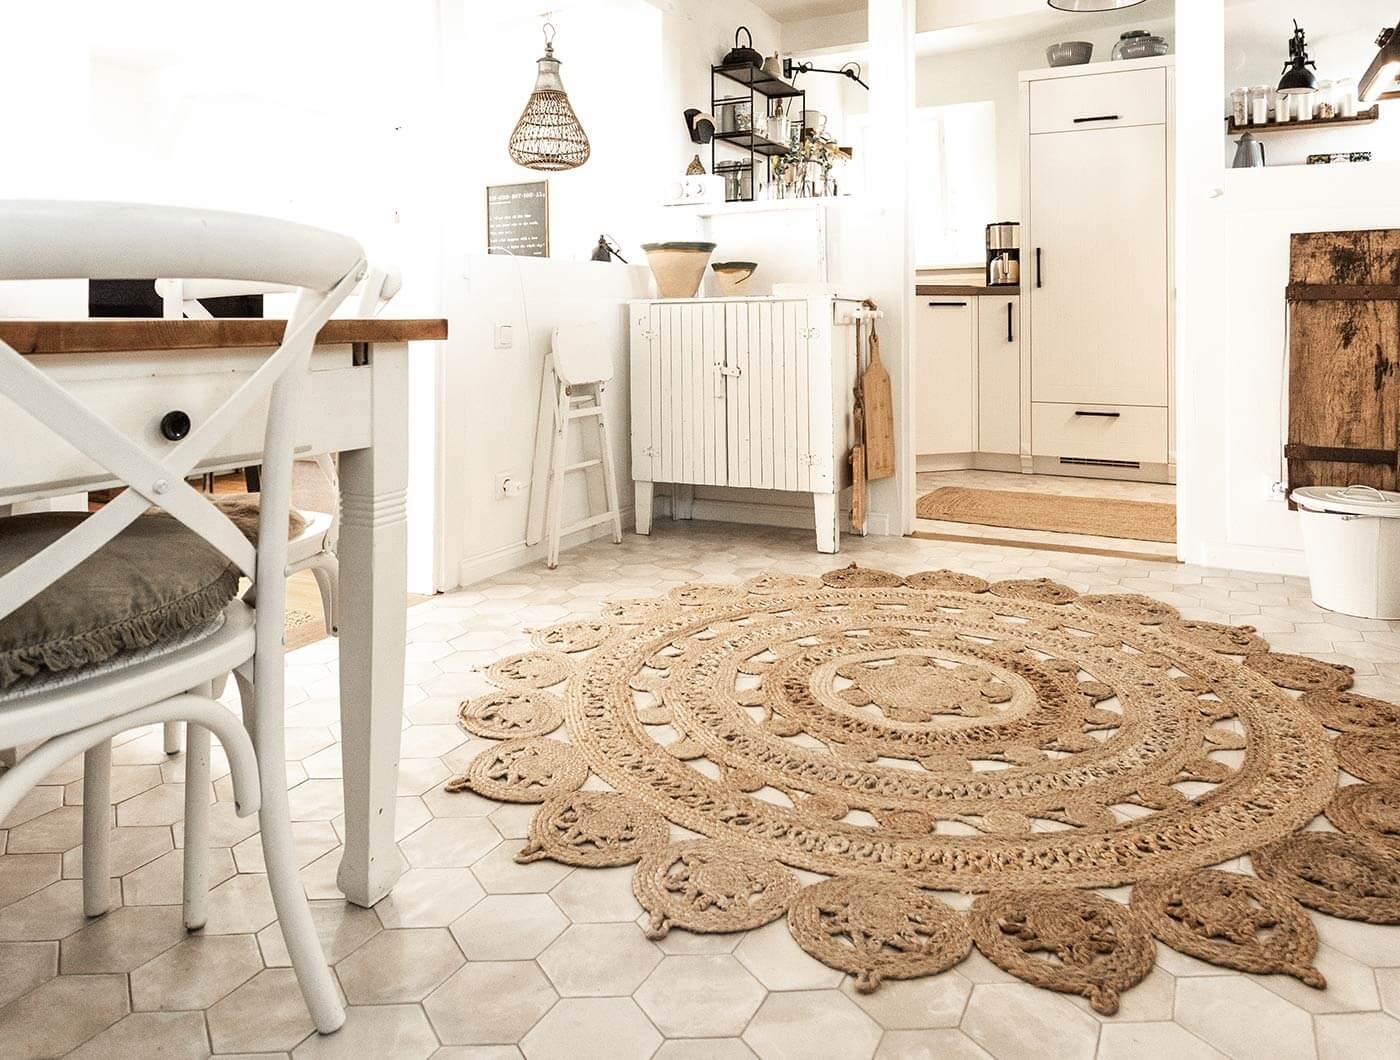 Landhaus im Cottage-Style